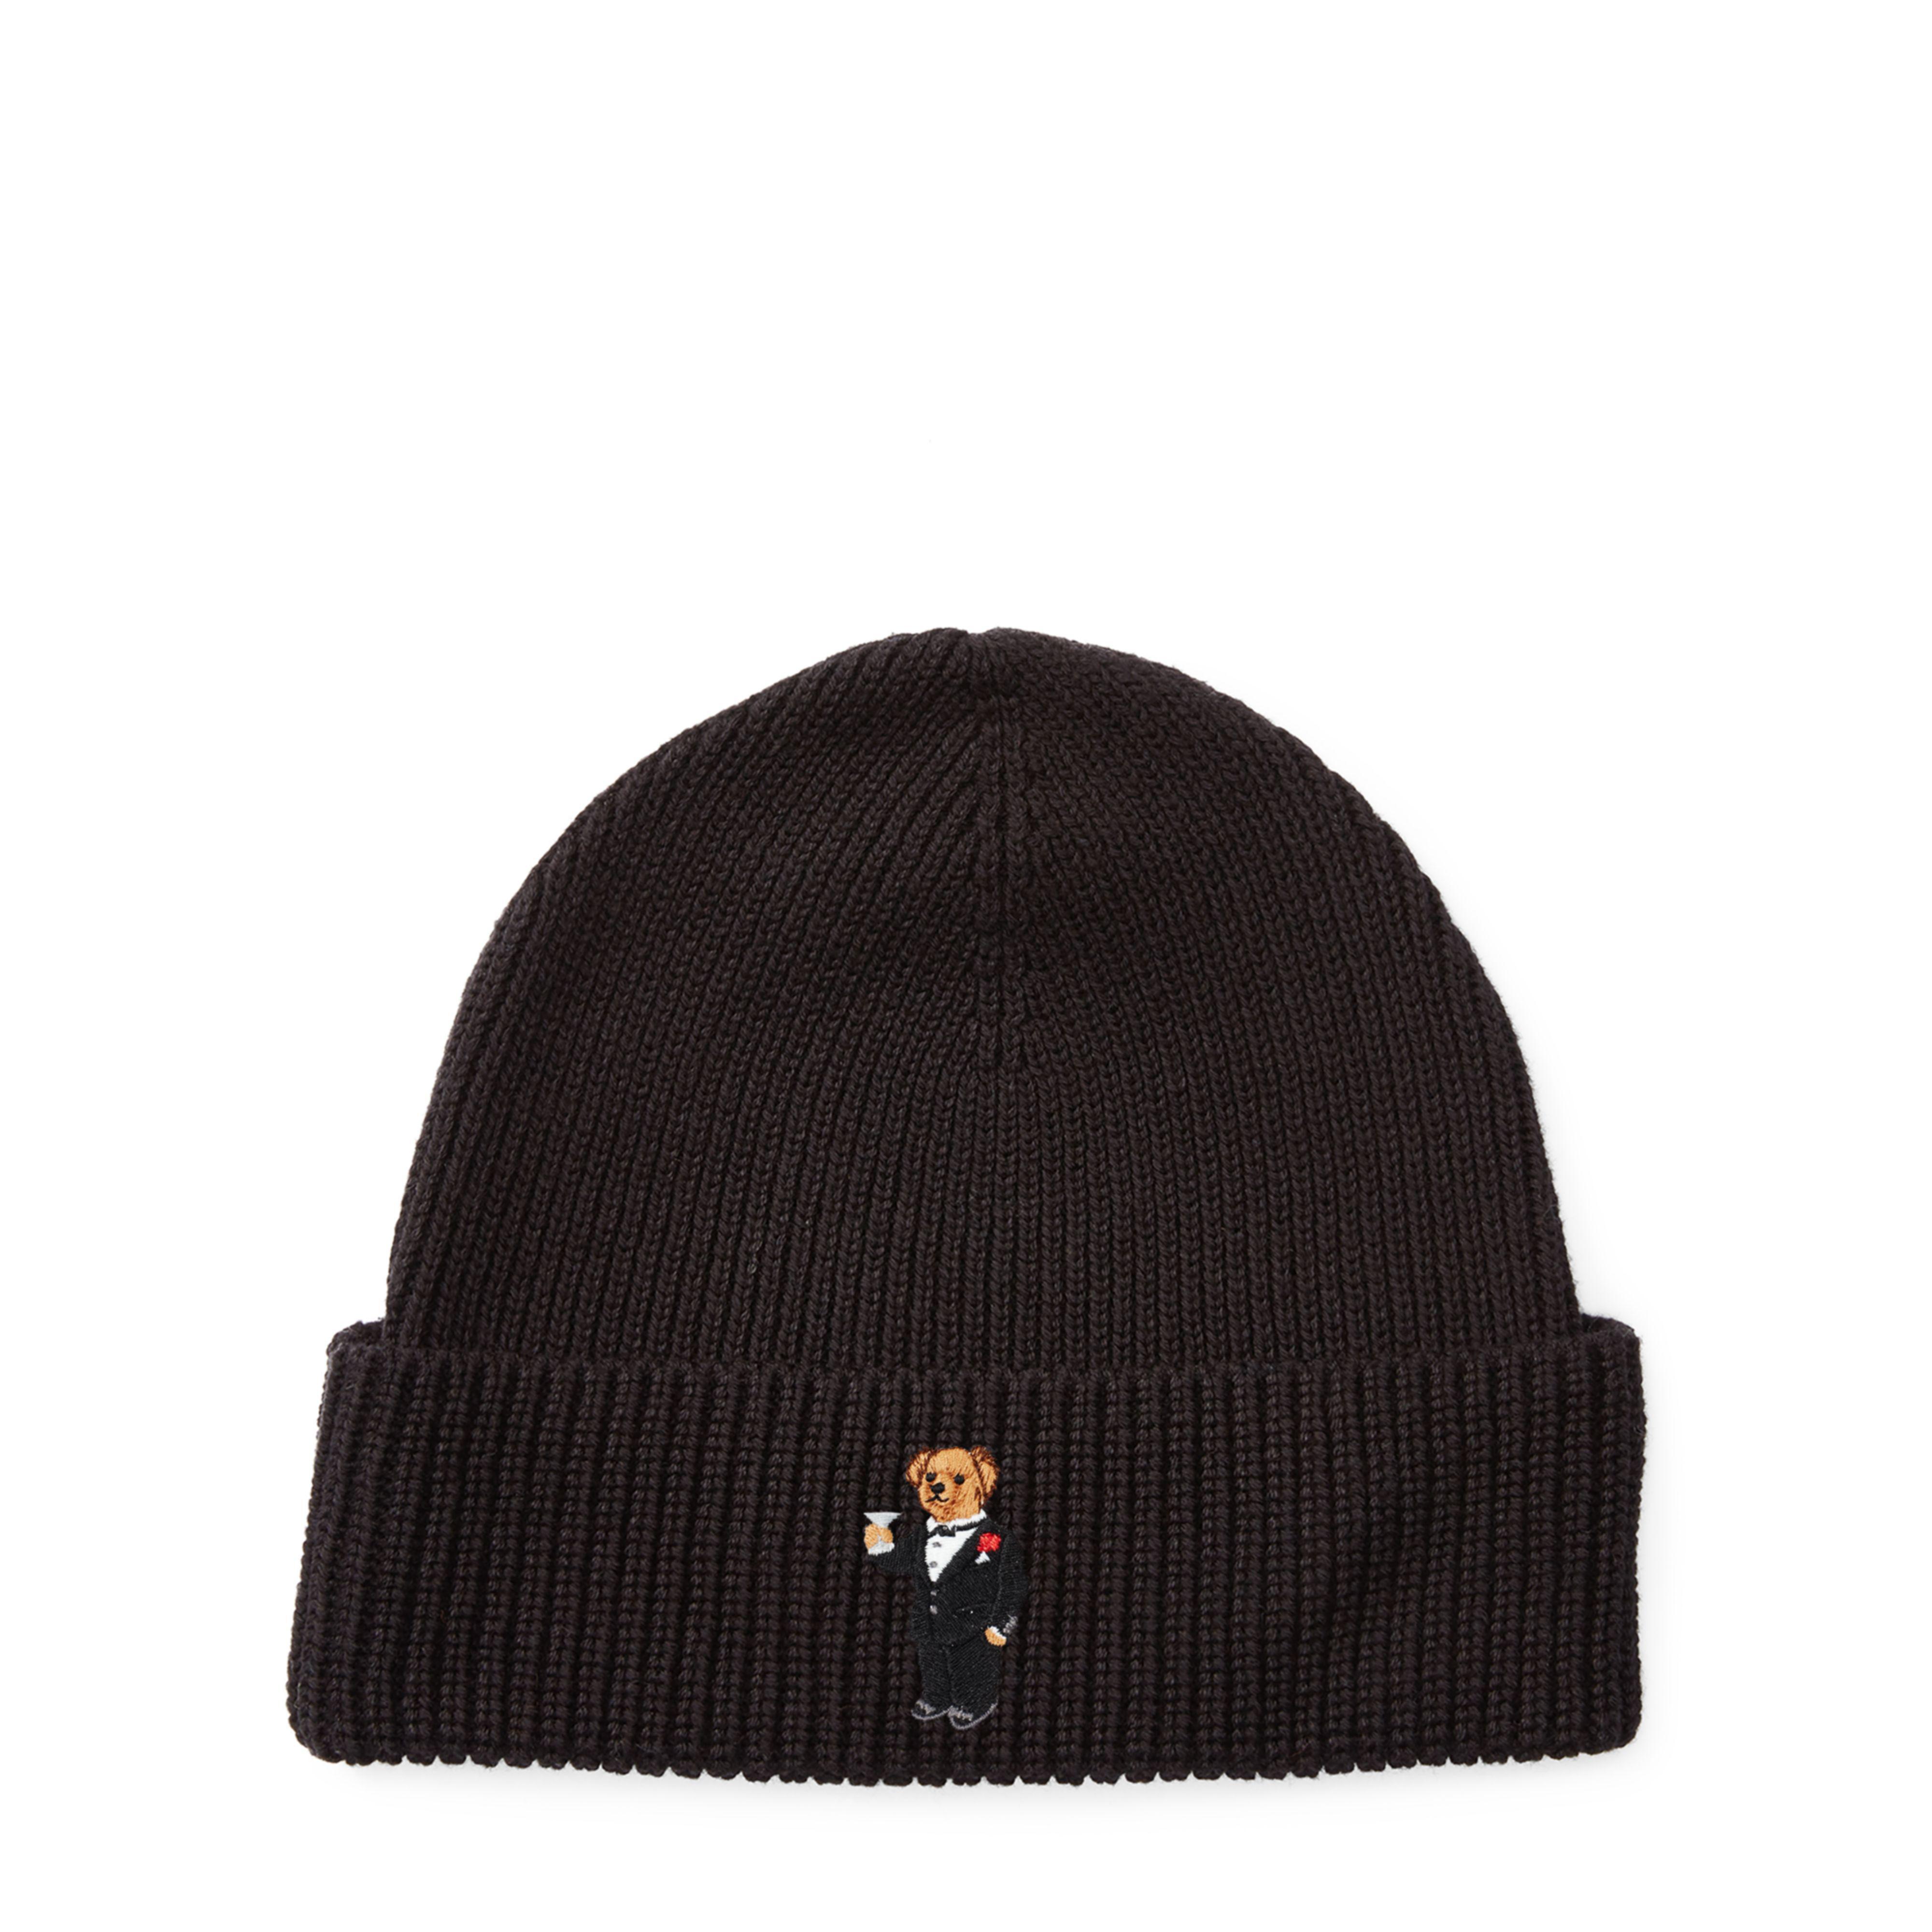 e275bdcbb886 Lyst - Polo Ralph Lauren Martini Polo Bear Ribbed Hat in Black for Men